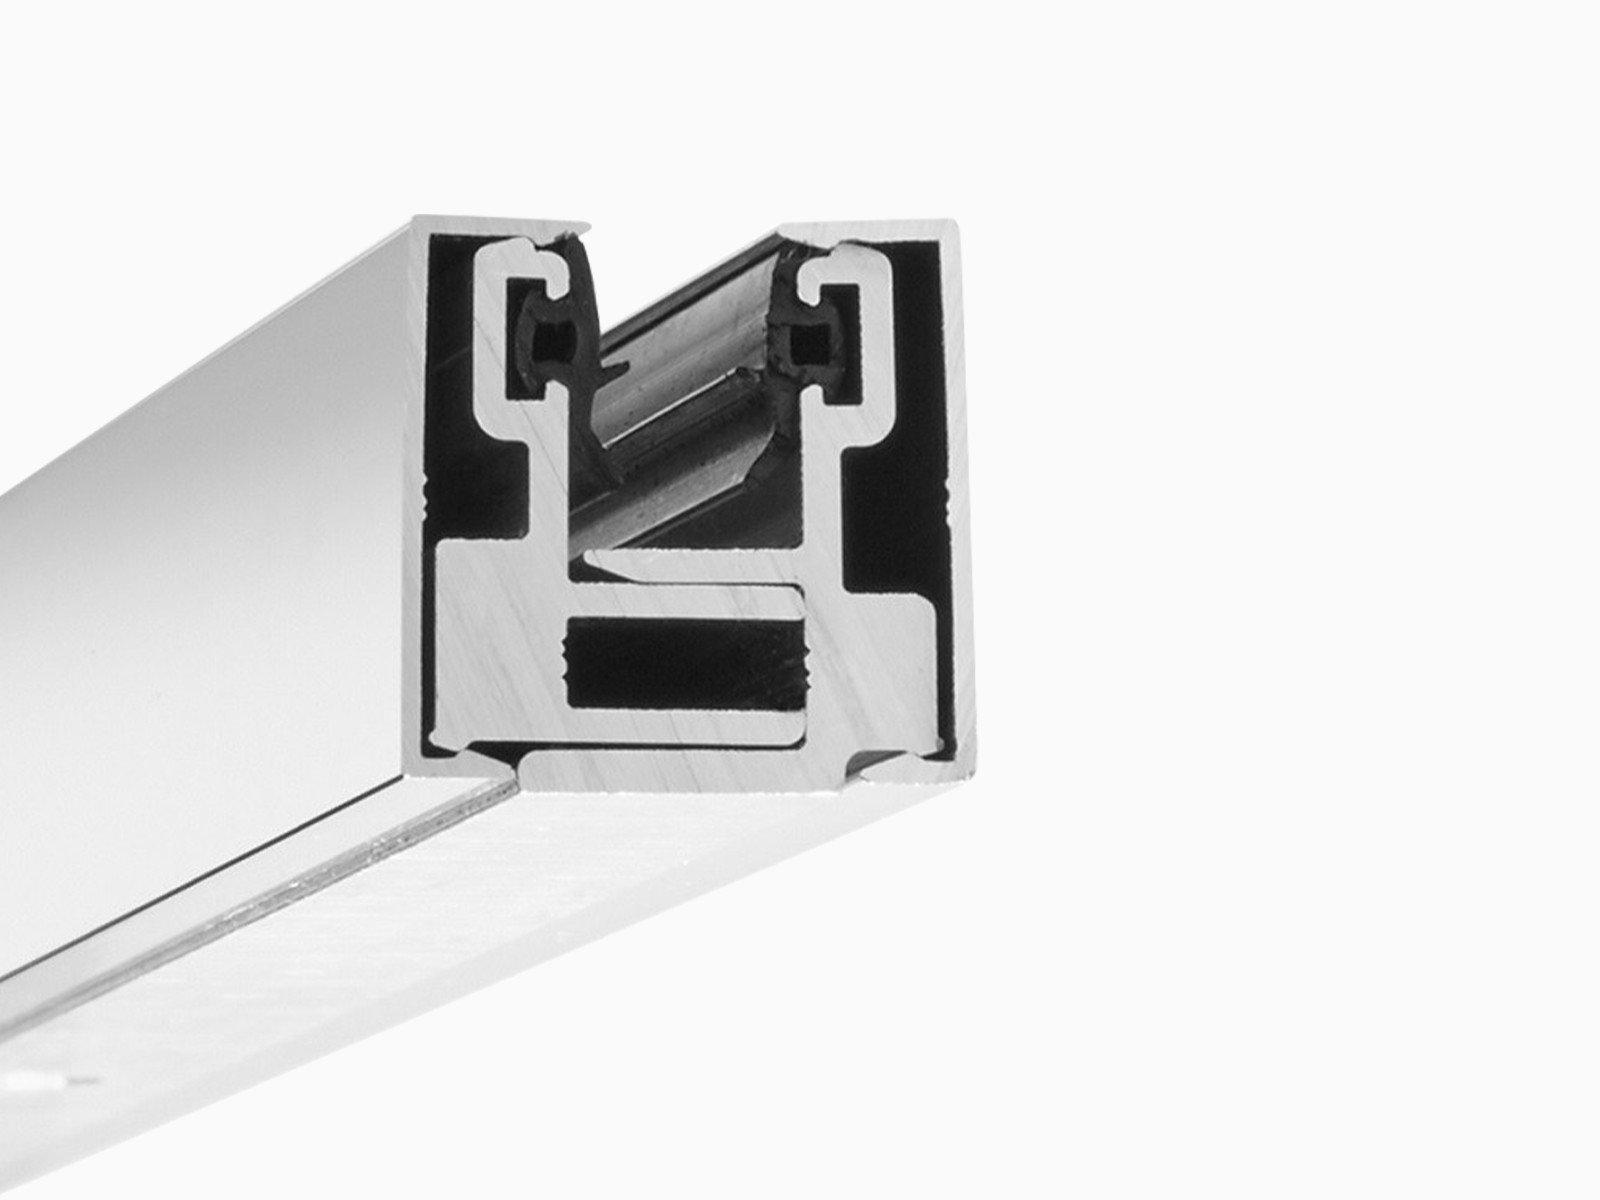 Klemmprofil Mini als Wandbeschlag aus Aluminium in Hochglanz